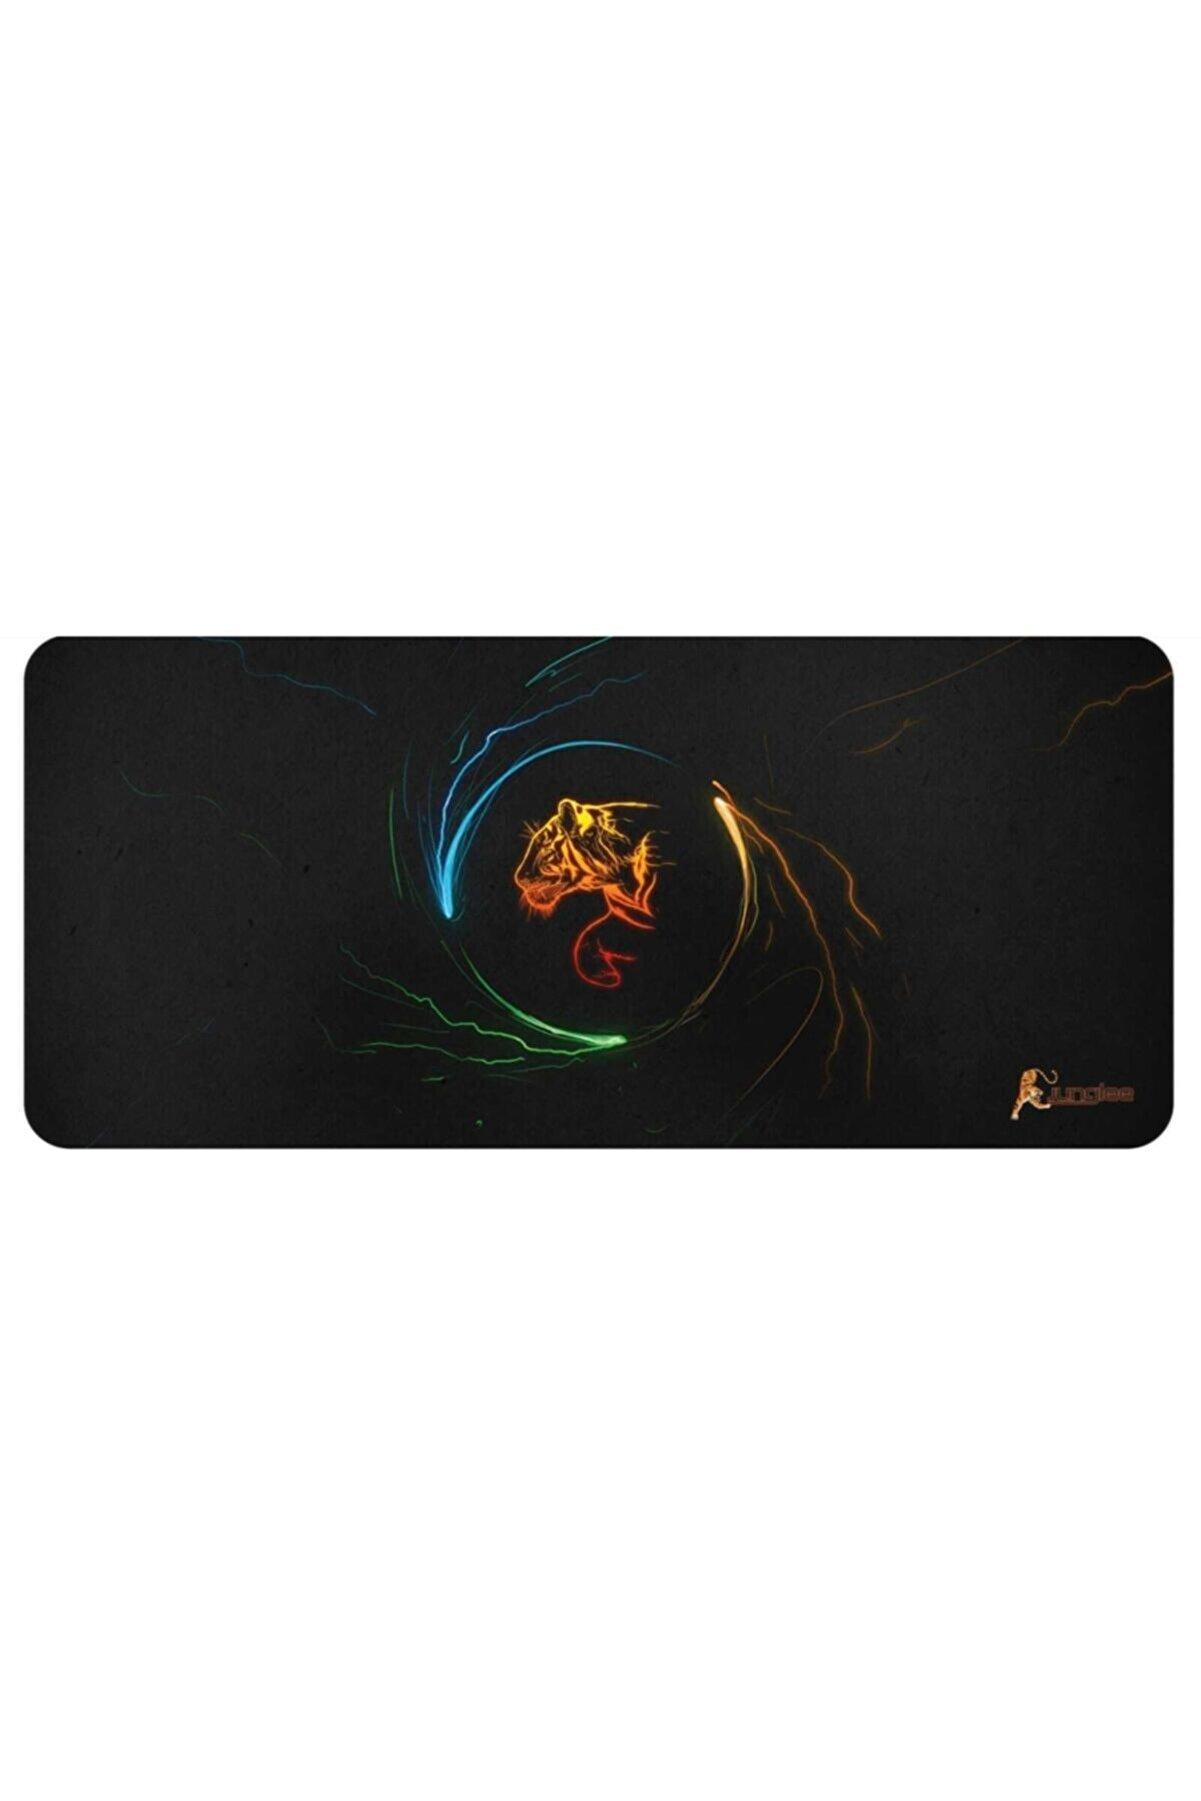 JUNGLEE Oyuncu Mousepad 70x30 Cm Kaymaz Dikişsiz Ykaplan Baskılı Büyük Boy Mouse Pad